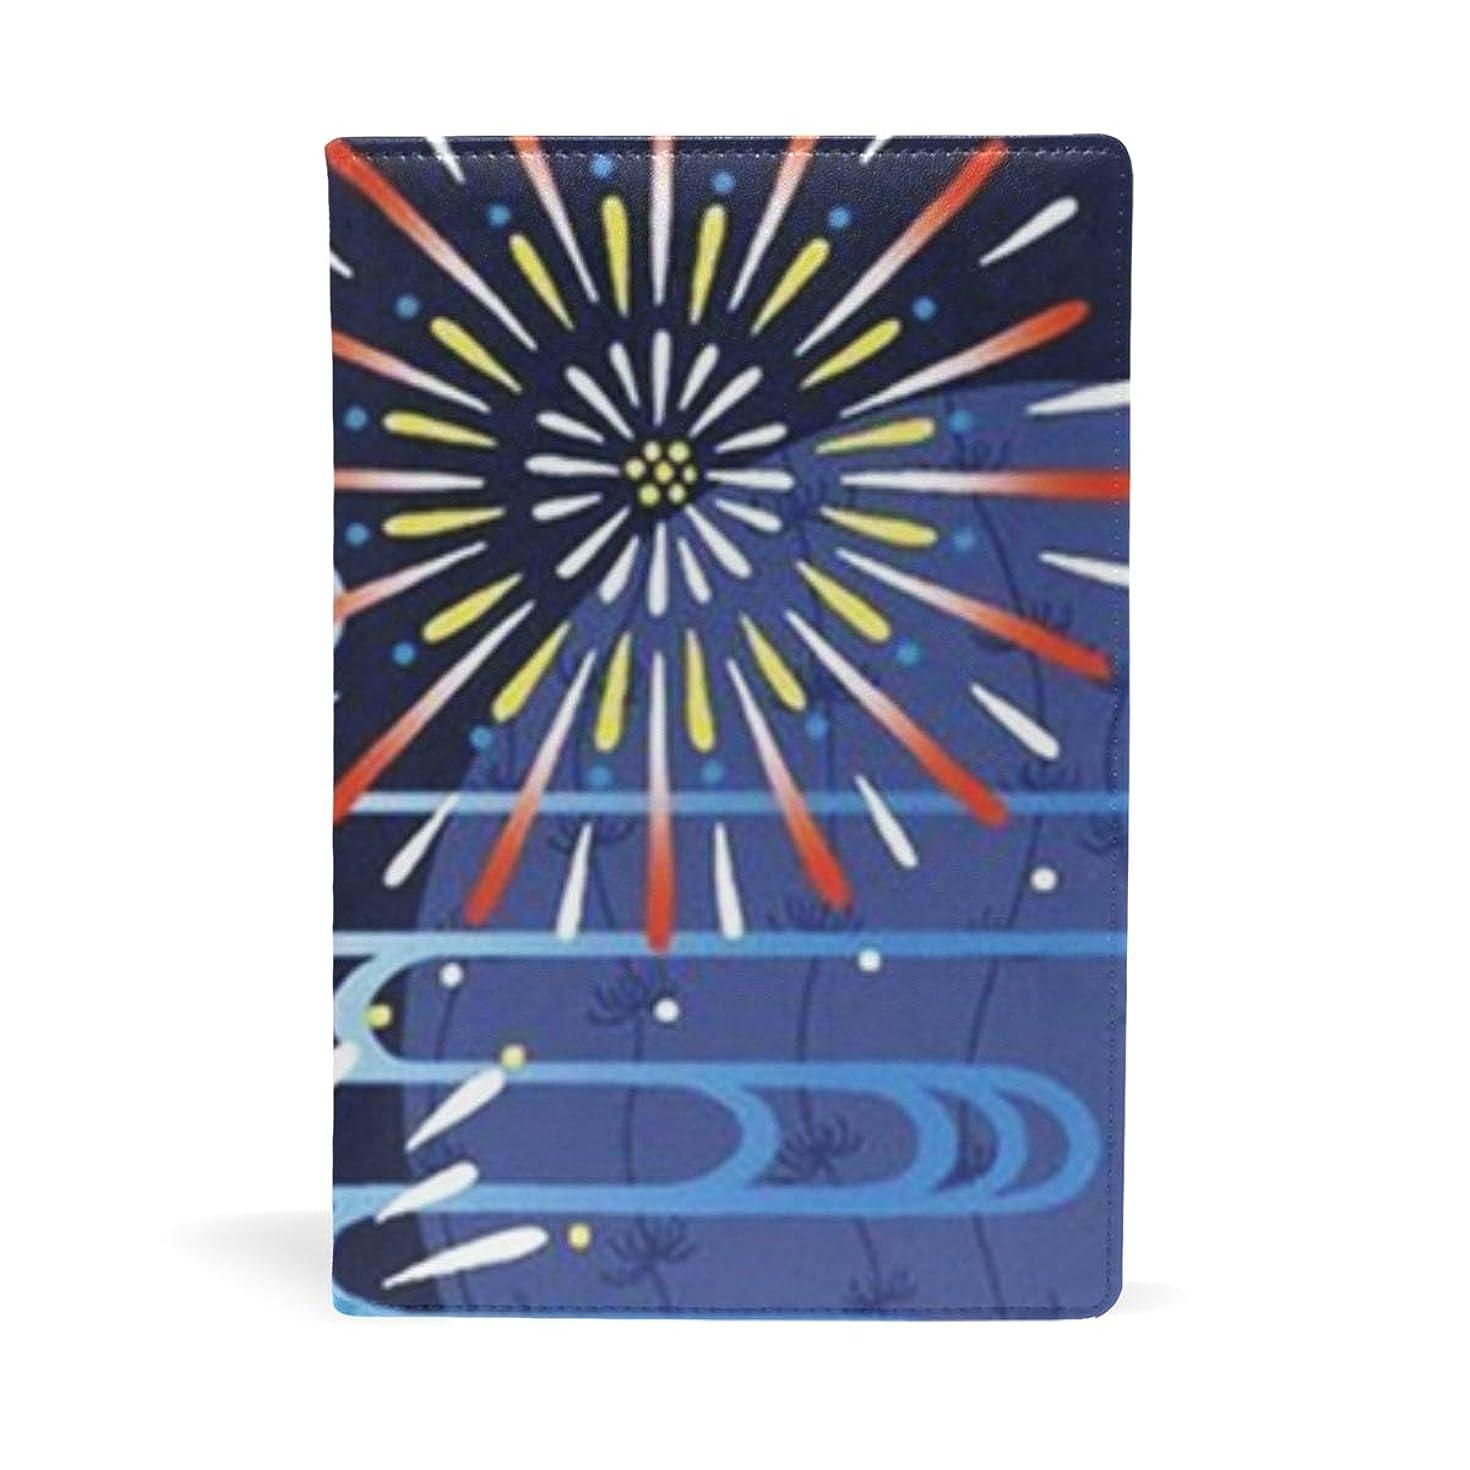 かわす申し込むディレクトリブックカバー 文庫 a5 皮革 レザー 金魚花火 文庫本カバー ファイル 資料 収納入れ オフィス用品 読書 雑貨 プレゼント